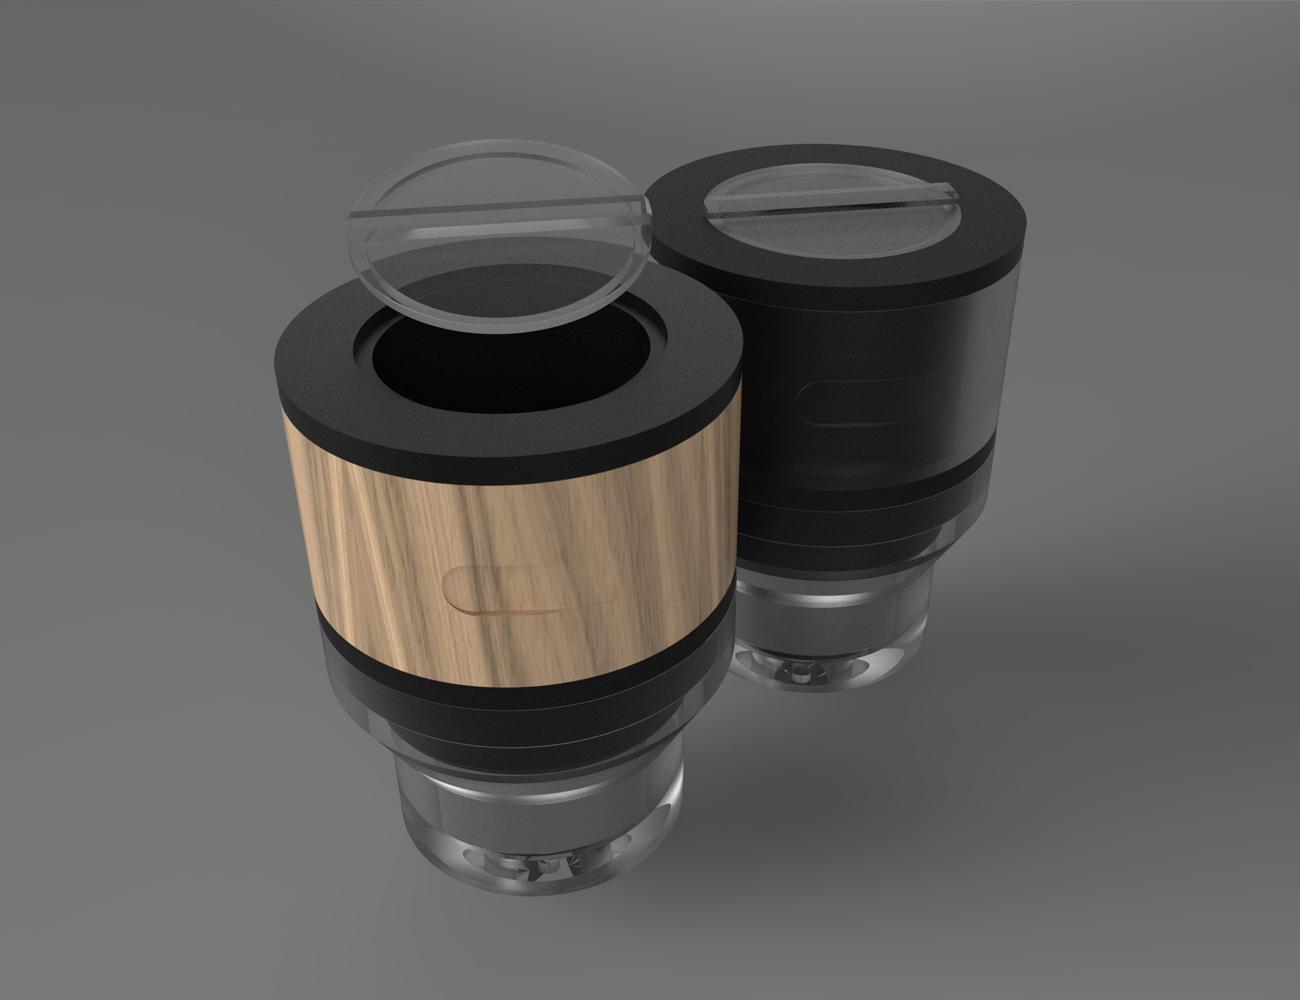 FUSE-Modular-Coffee-Press-06